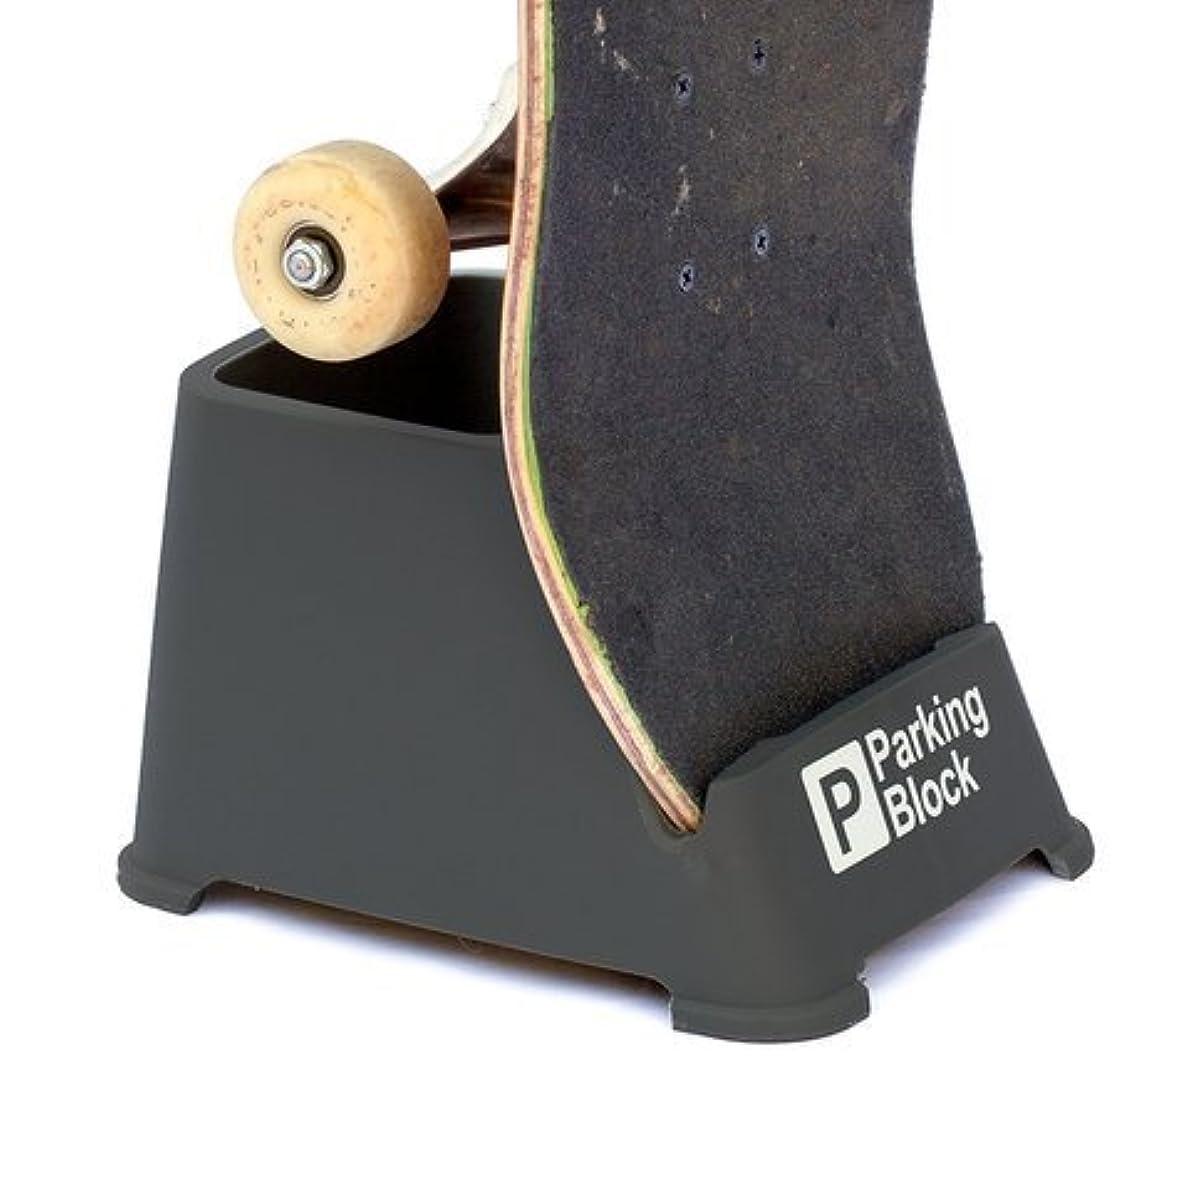 リーズ守銭奴リングバックYWSHF スケートボード工具 スケボー メンテナンス 調整 tツール ボード用 アクスル ナット T型レンチ ハードウェアボルト用 ドライバー グピン